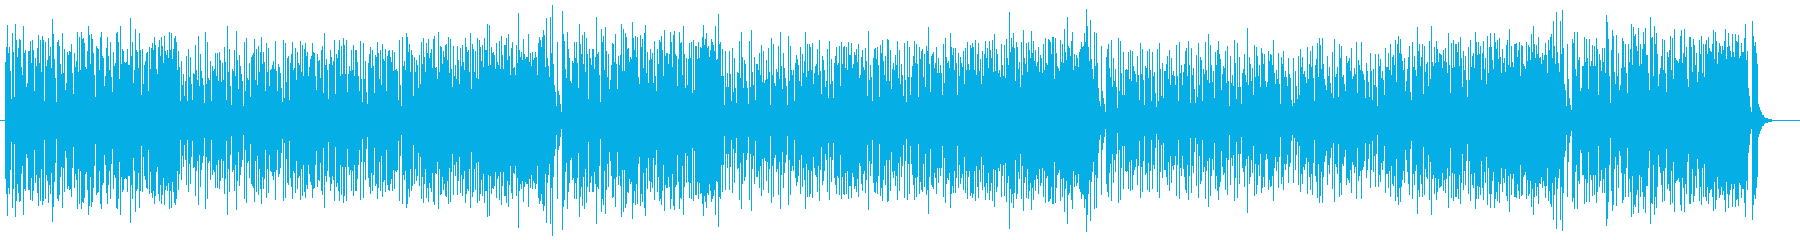 軽やかでファンタジックなシンセサイザー曲の再生済みの波形